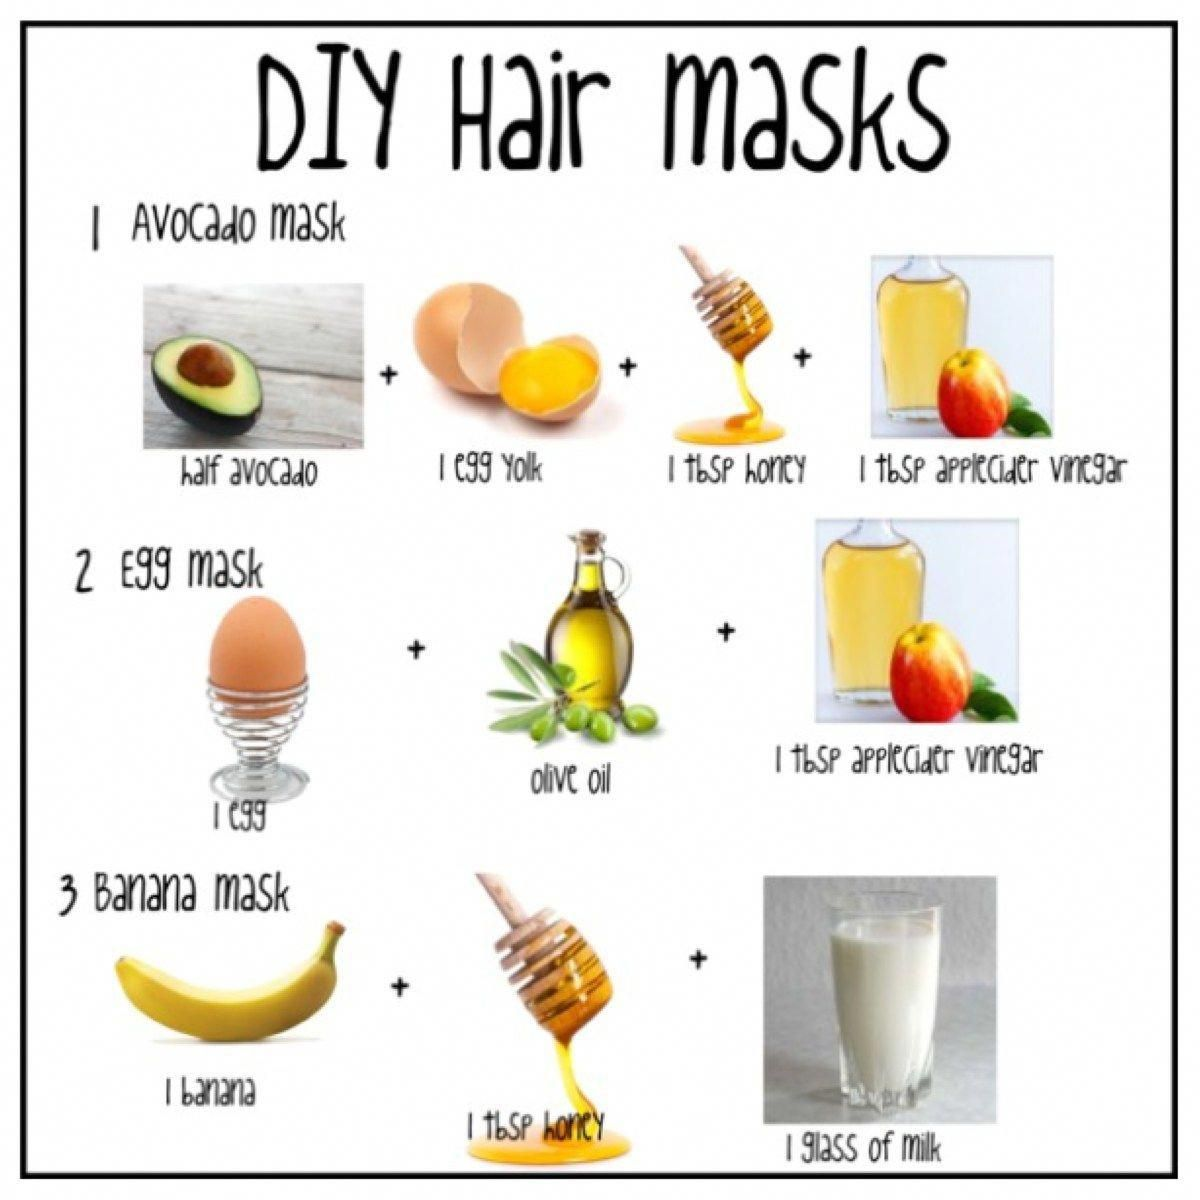 DIY Hair Masks naturalhaircare Homemade hair products